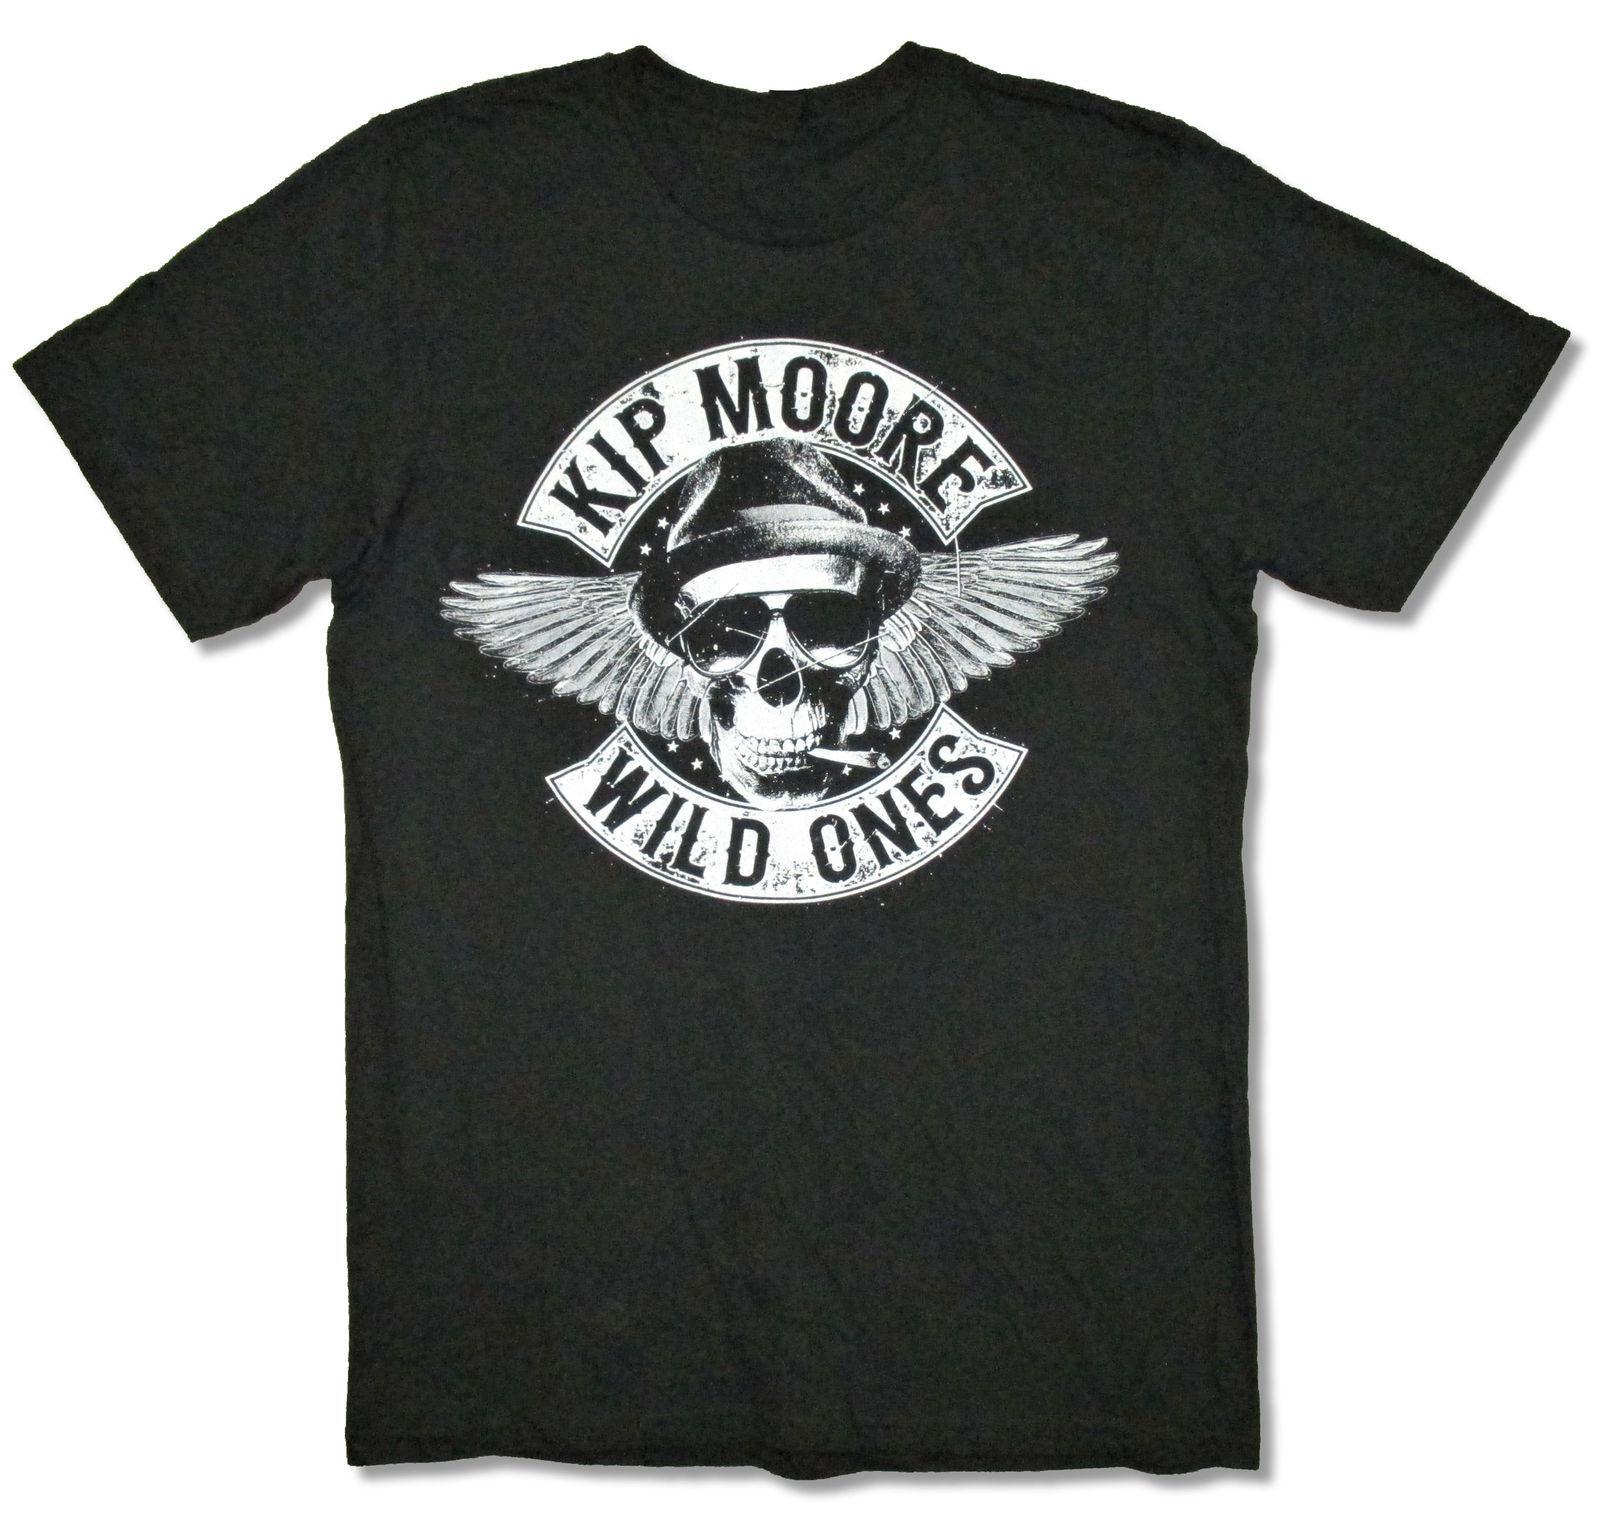 8b681b0dde13 Acquista Kip Moore All'ingrosso Sconto Cranio Wild Ones Maglietta Nera Nuovo  Ufficiale Merch Cotone Manica Corta T Shirt Uomo Abbigliamento Abiti Larghi  A ...